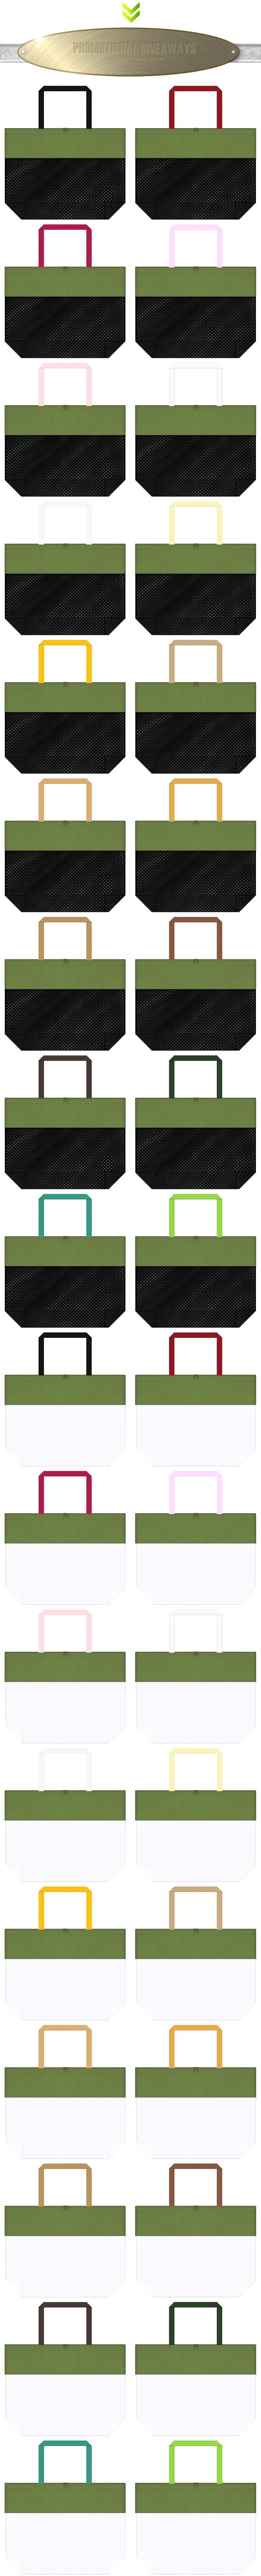 黒色メッシュ・白色メッシュと草色の不織布をメインに使用した、台形型メッシュバッグのカラーシミュレーション